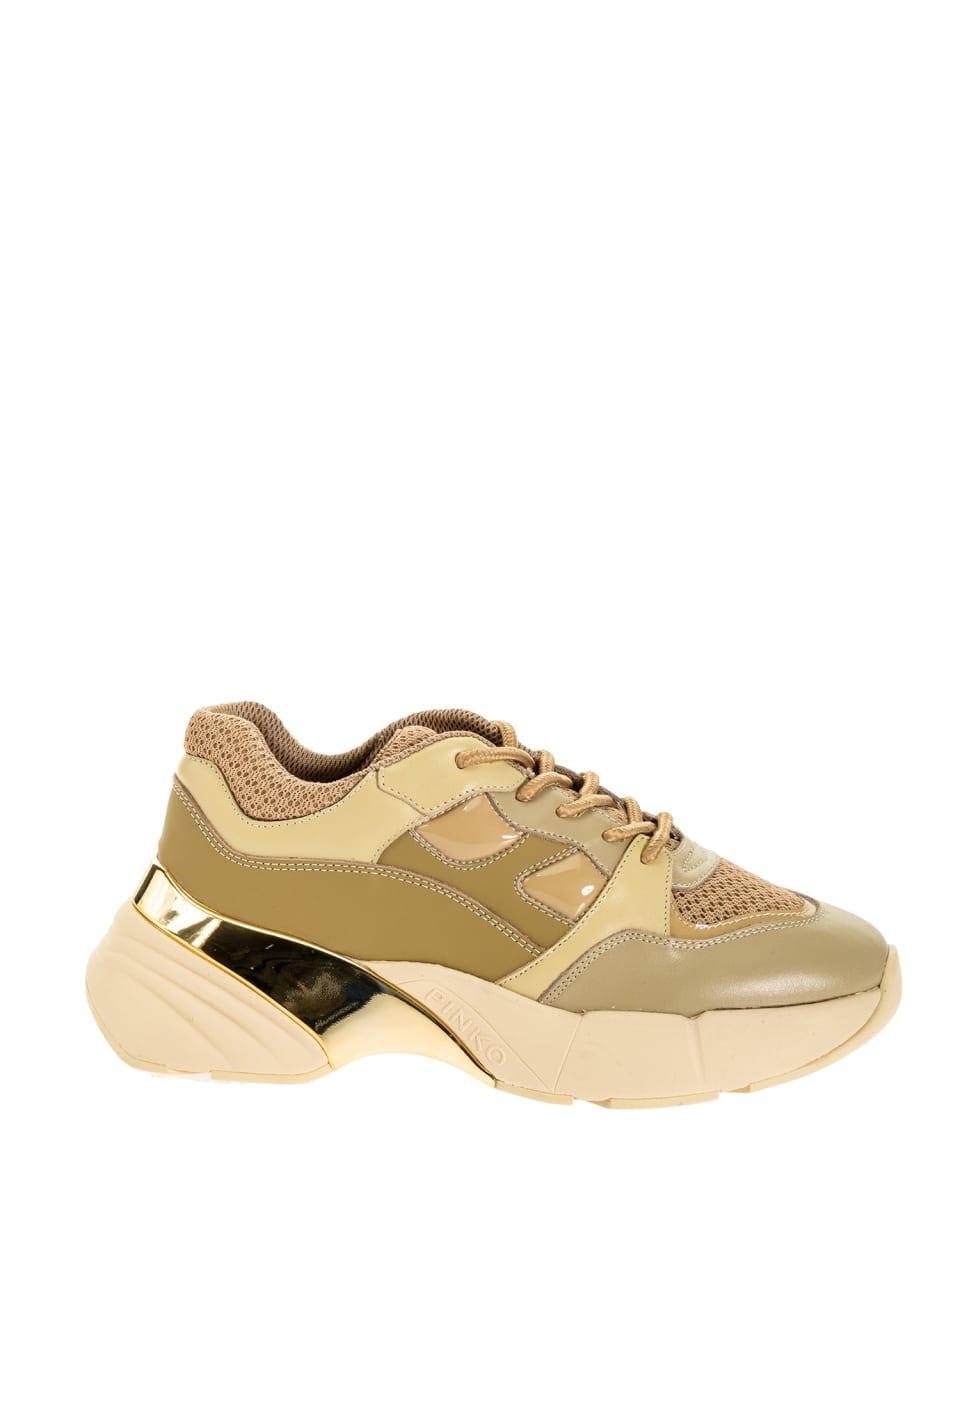 Sneakers oversize unicolores - Pinko